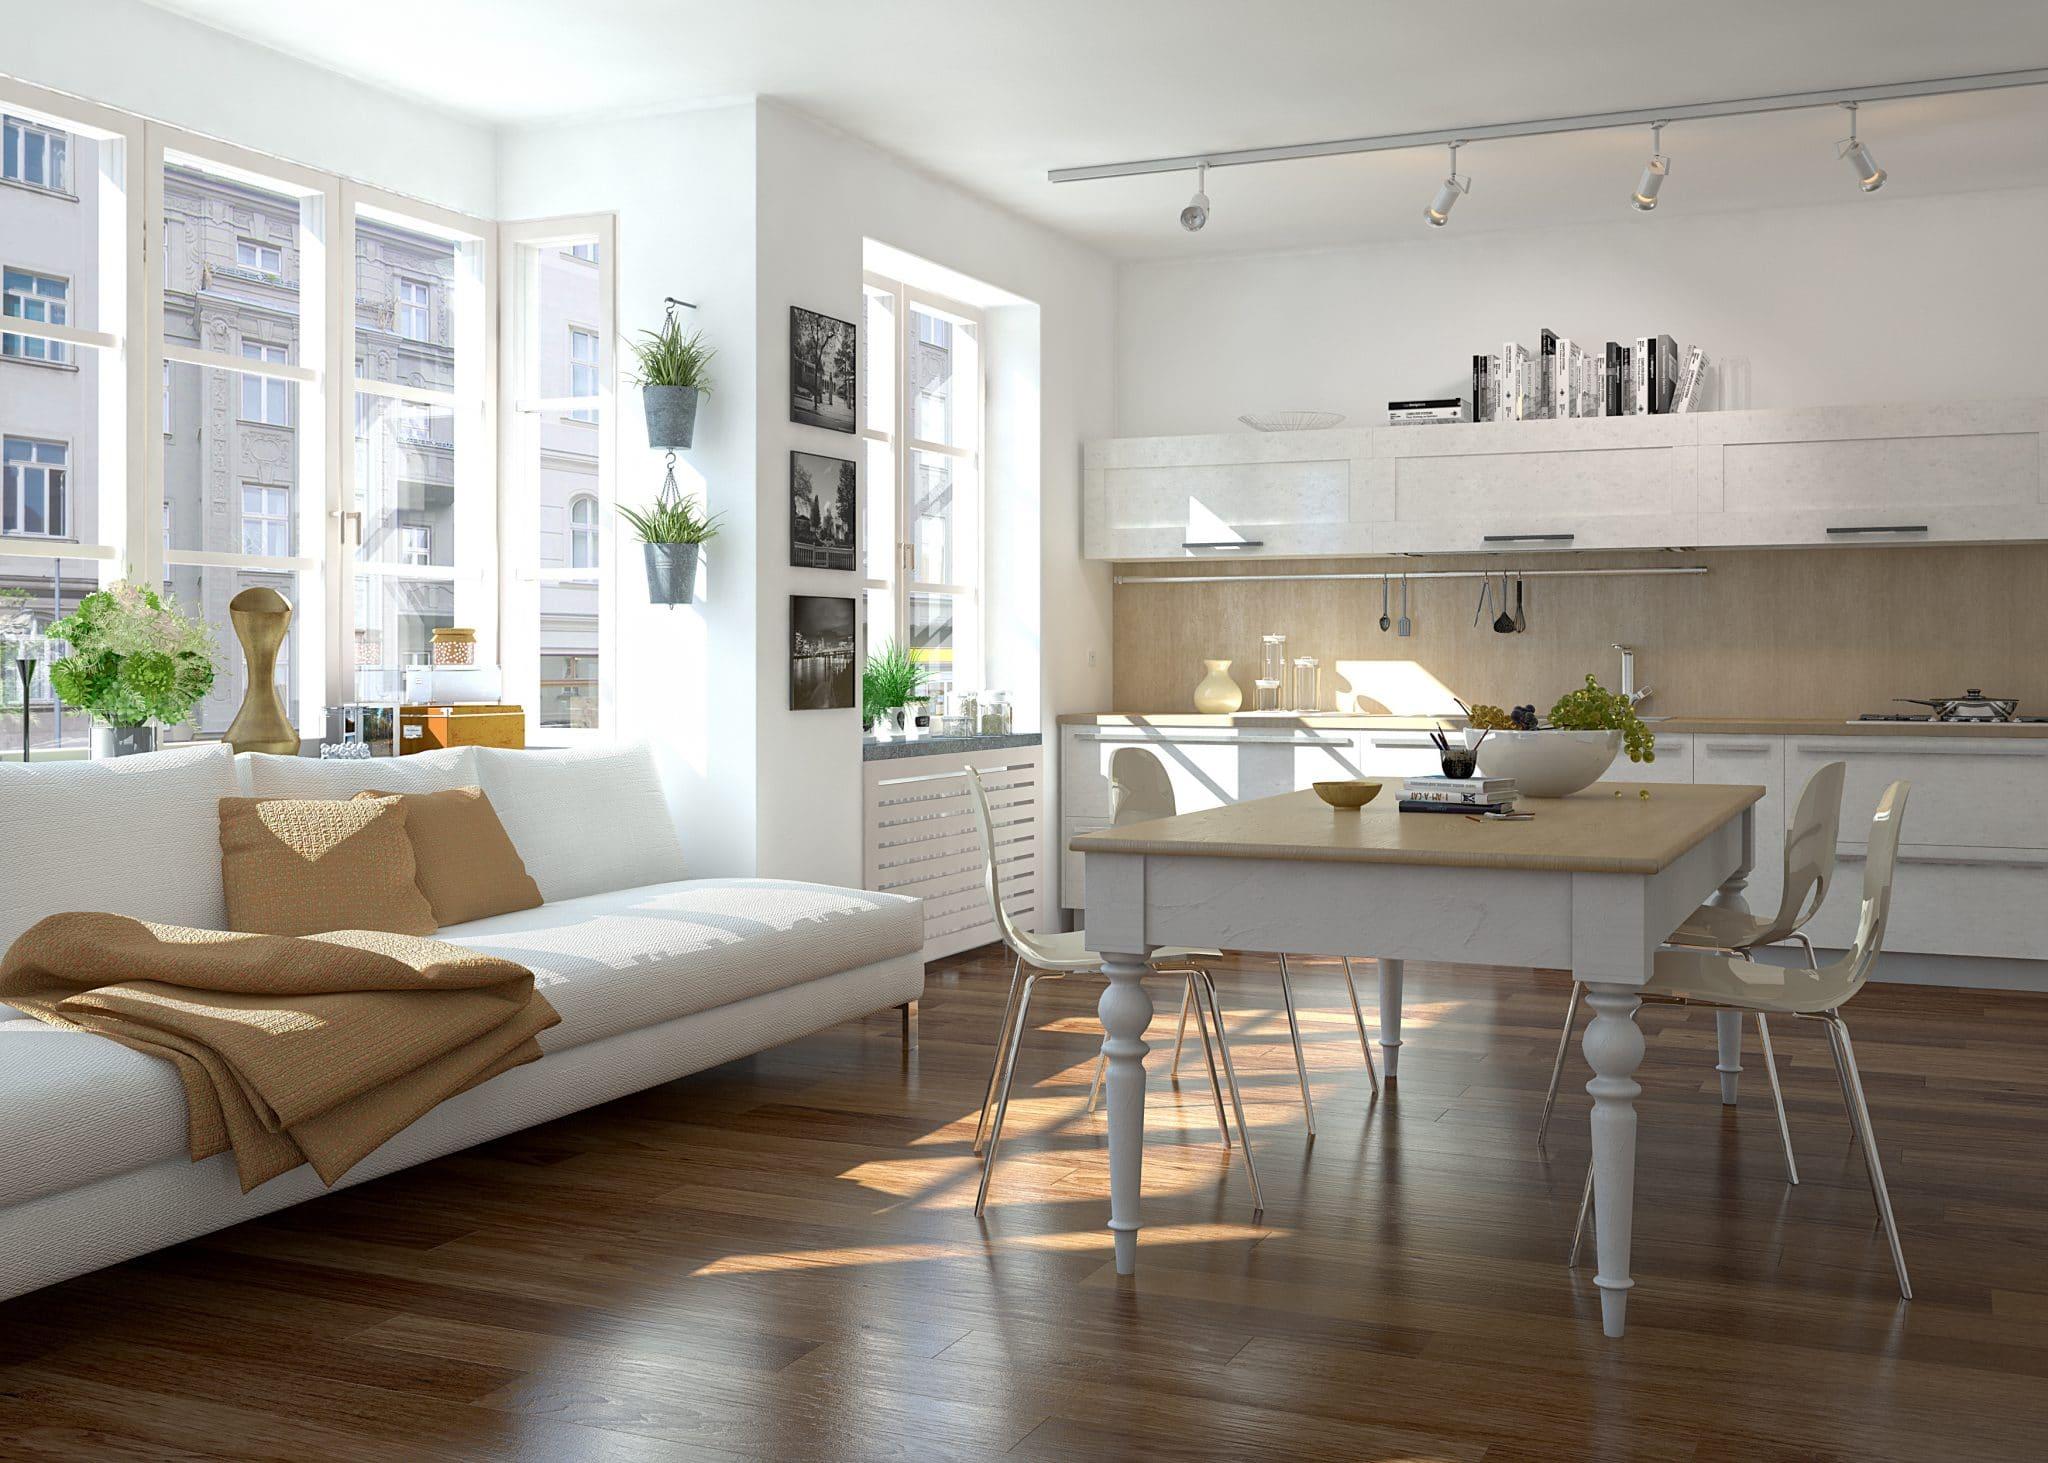 Rénovation d'appartement à Arras (62)